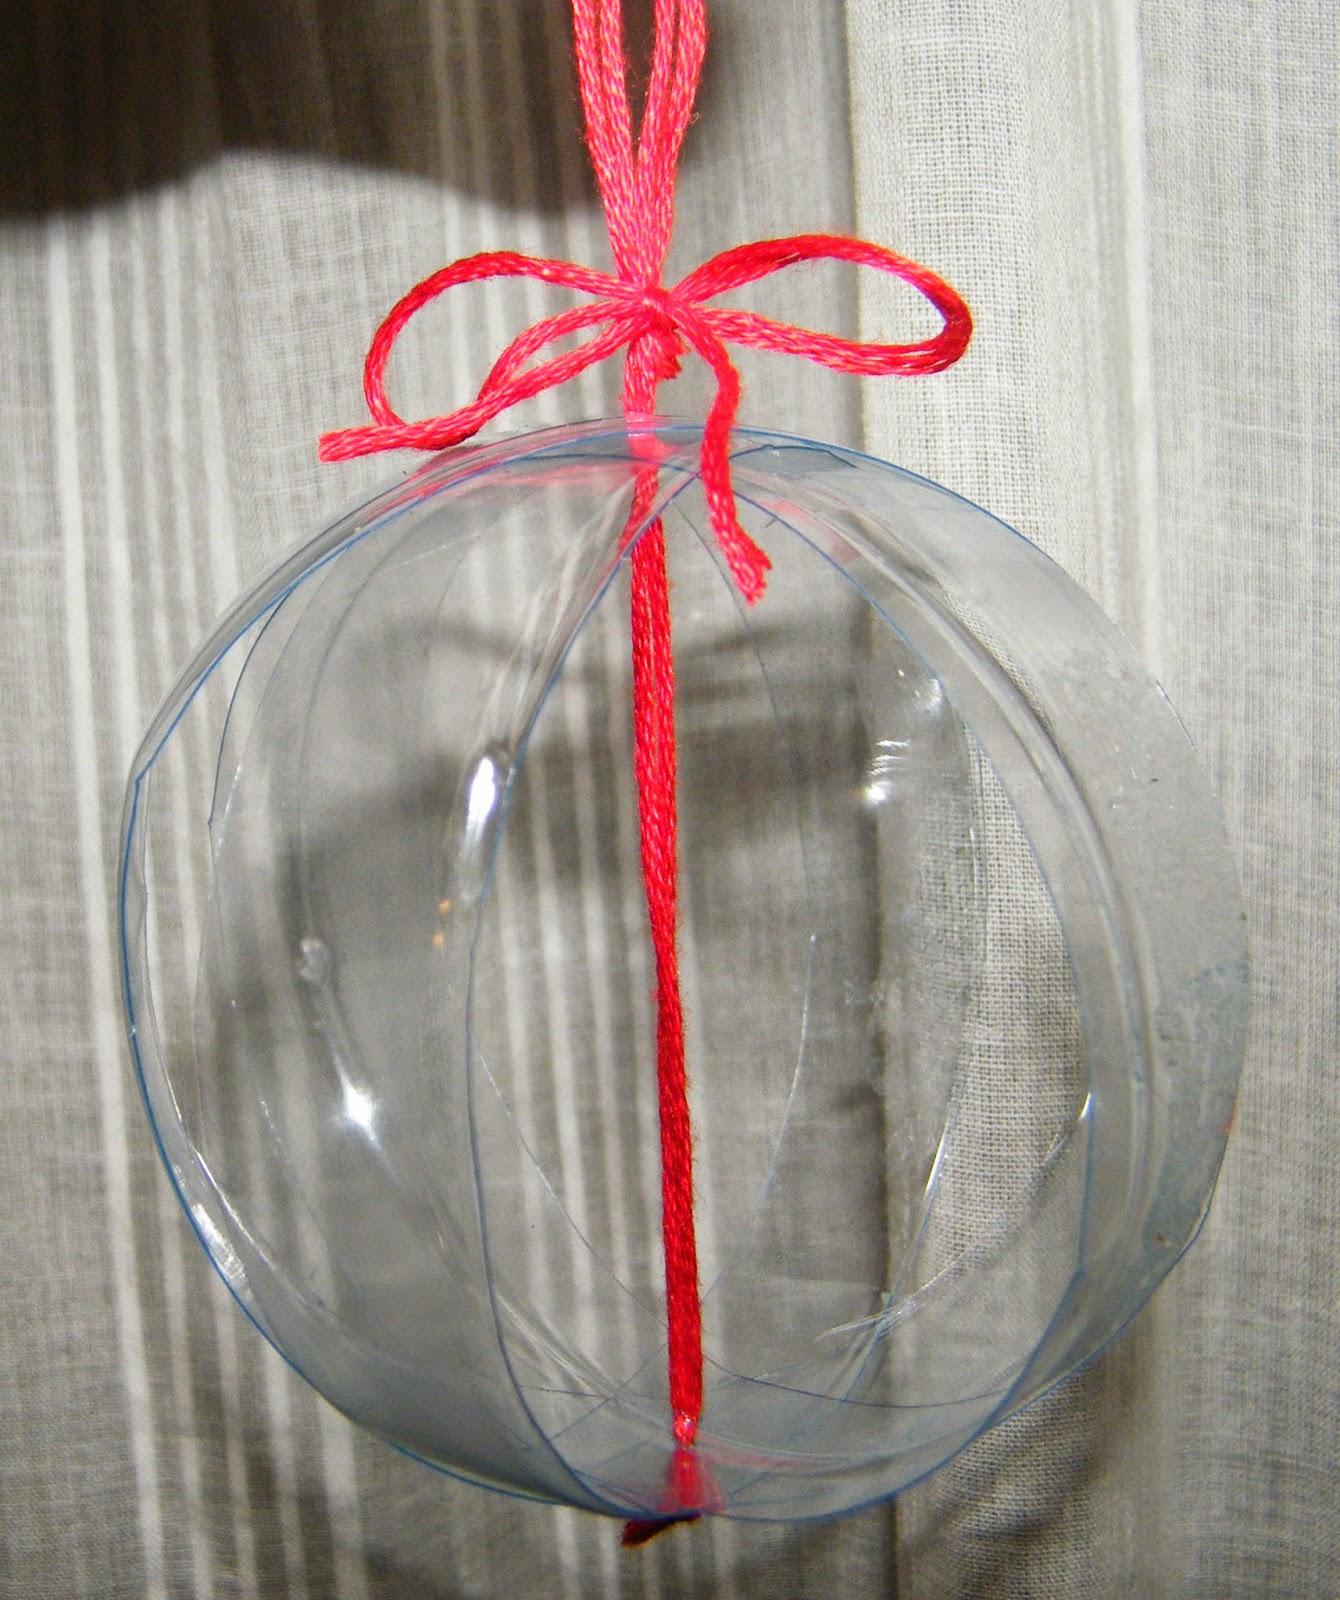 http://www.pensierieprofumi.blogspot.it/2012/11/decorazioni-di-natale-fai-da-te-tutto.html